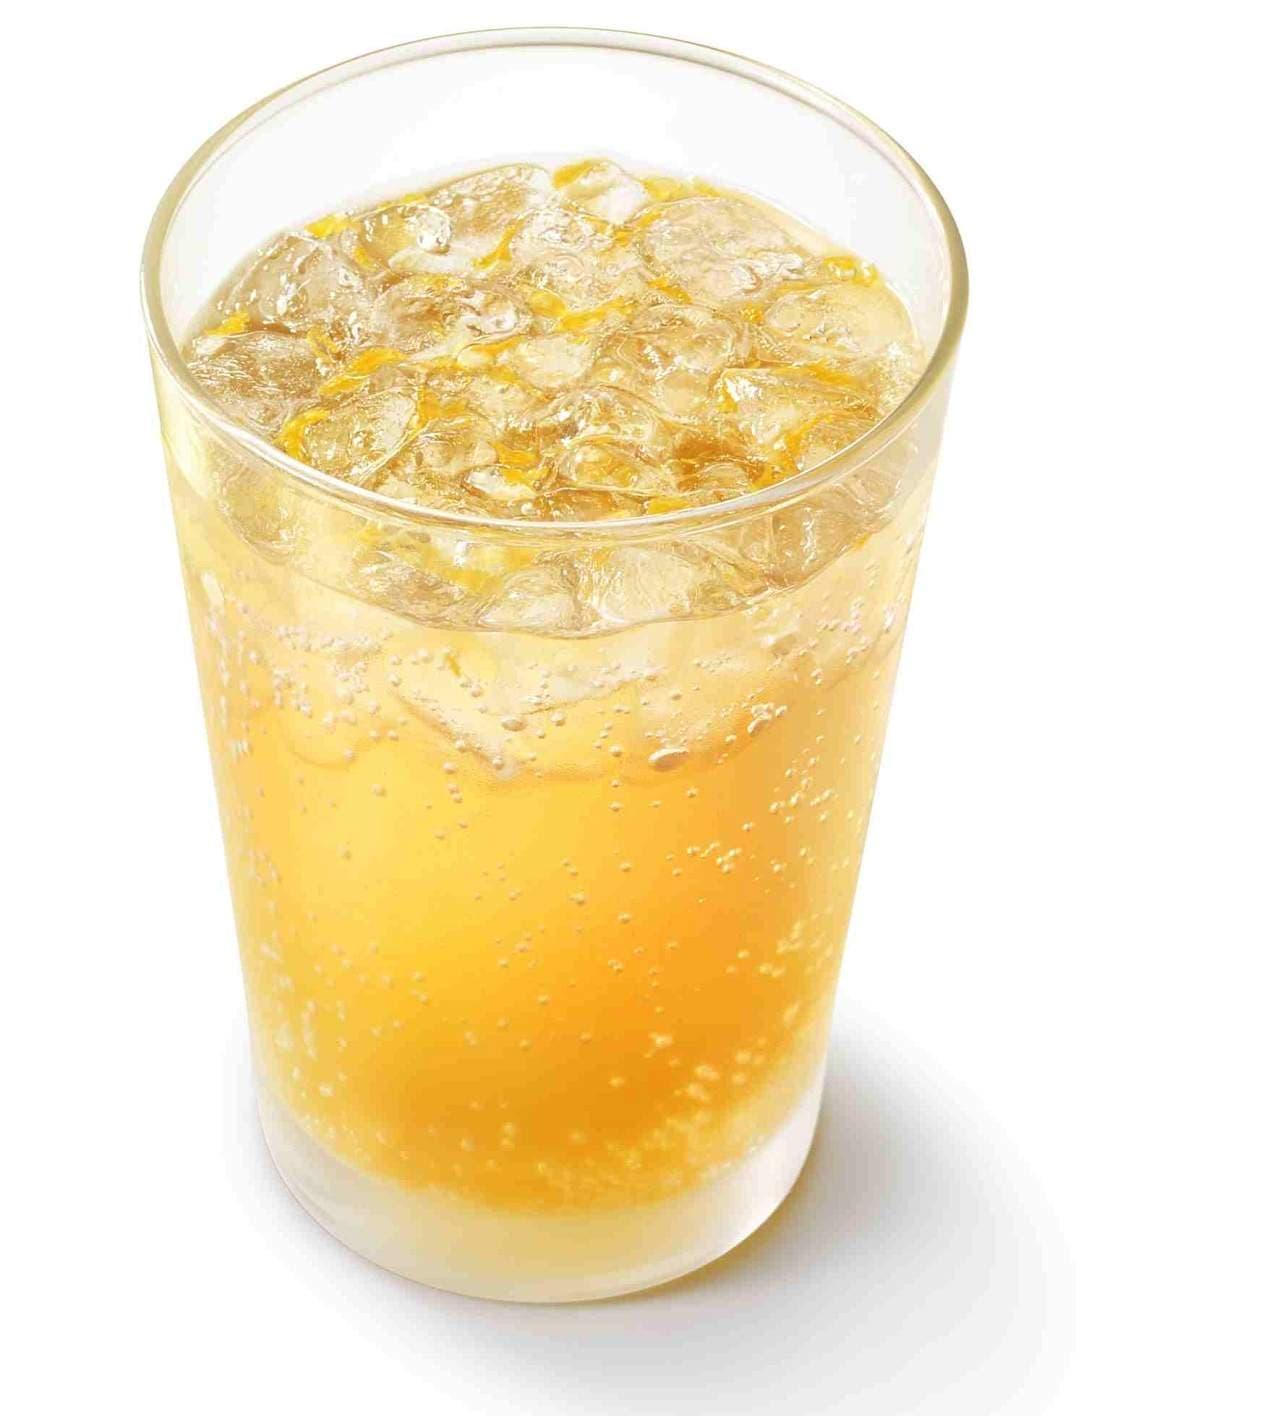 モスバーガー「瀬戸内産ネーブル&レモン ジンジャーエール(ネーブル果汁0.4%、レモン果汁0.2%使用)」